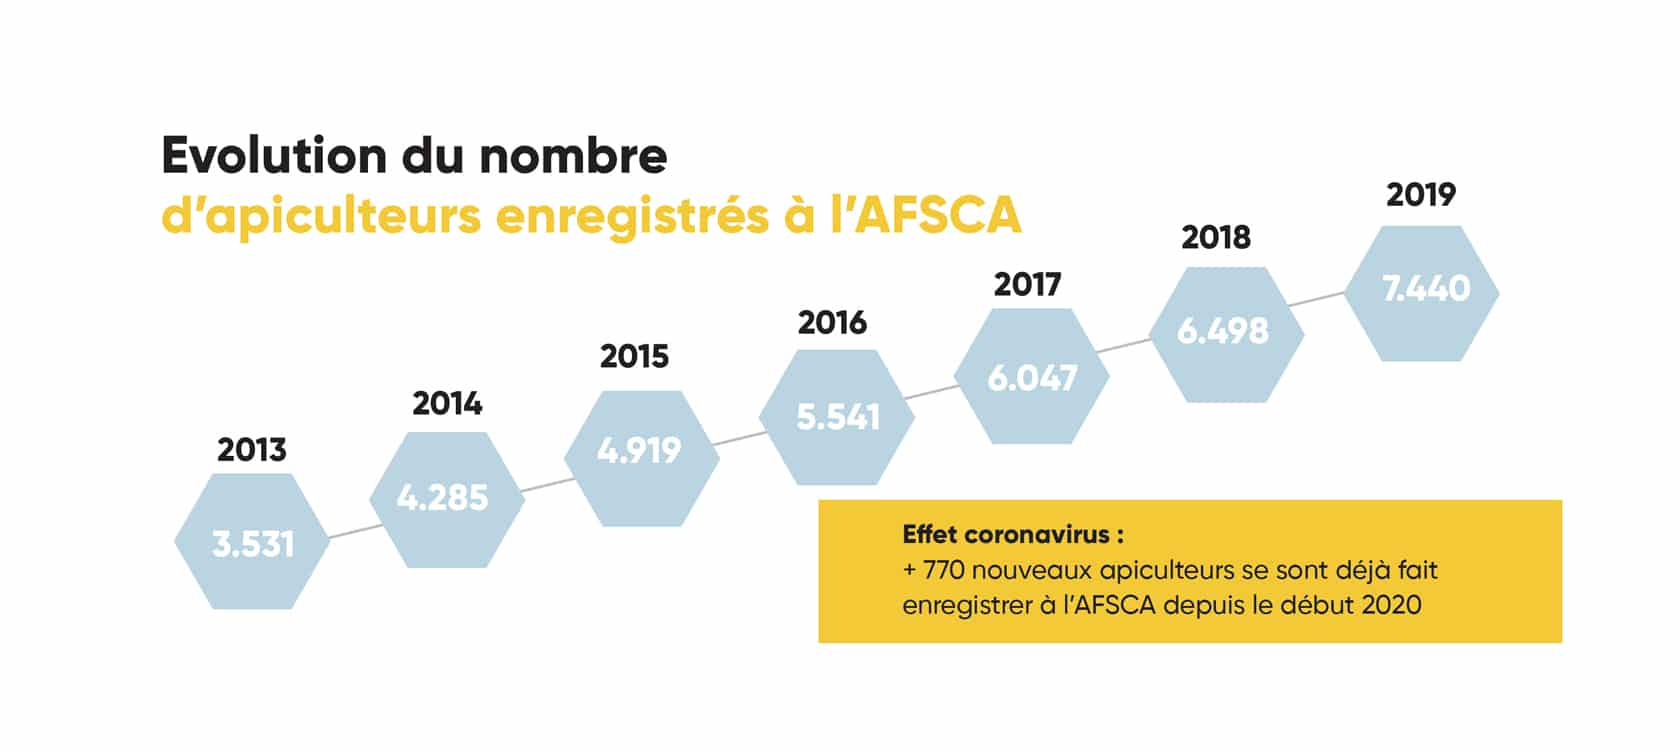 Evolution du nombre d'apiculteurs enregistrés à l'AFSCA